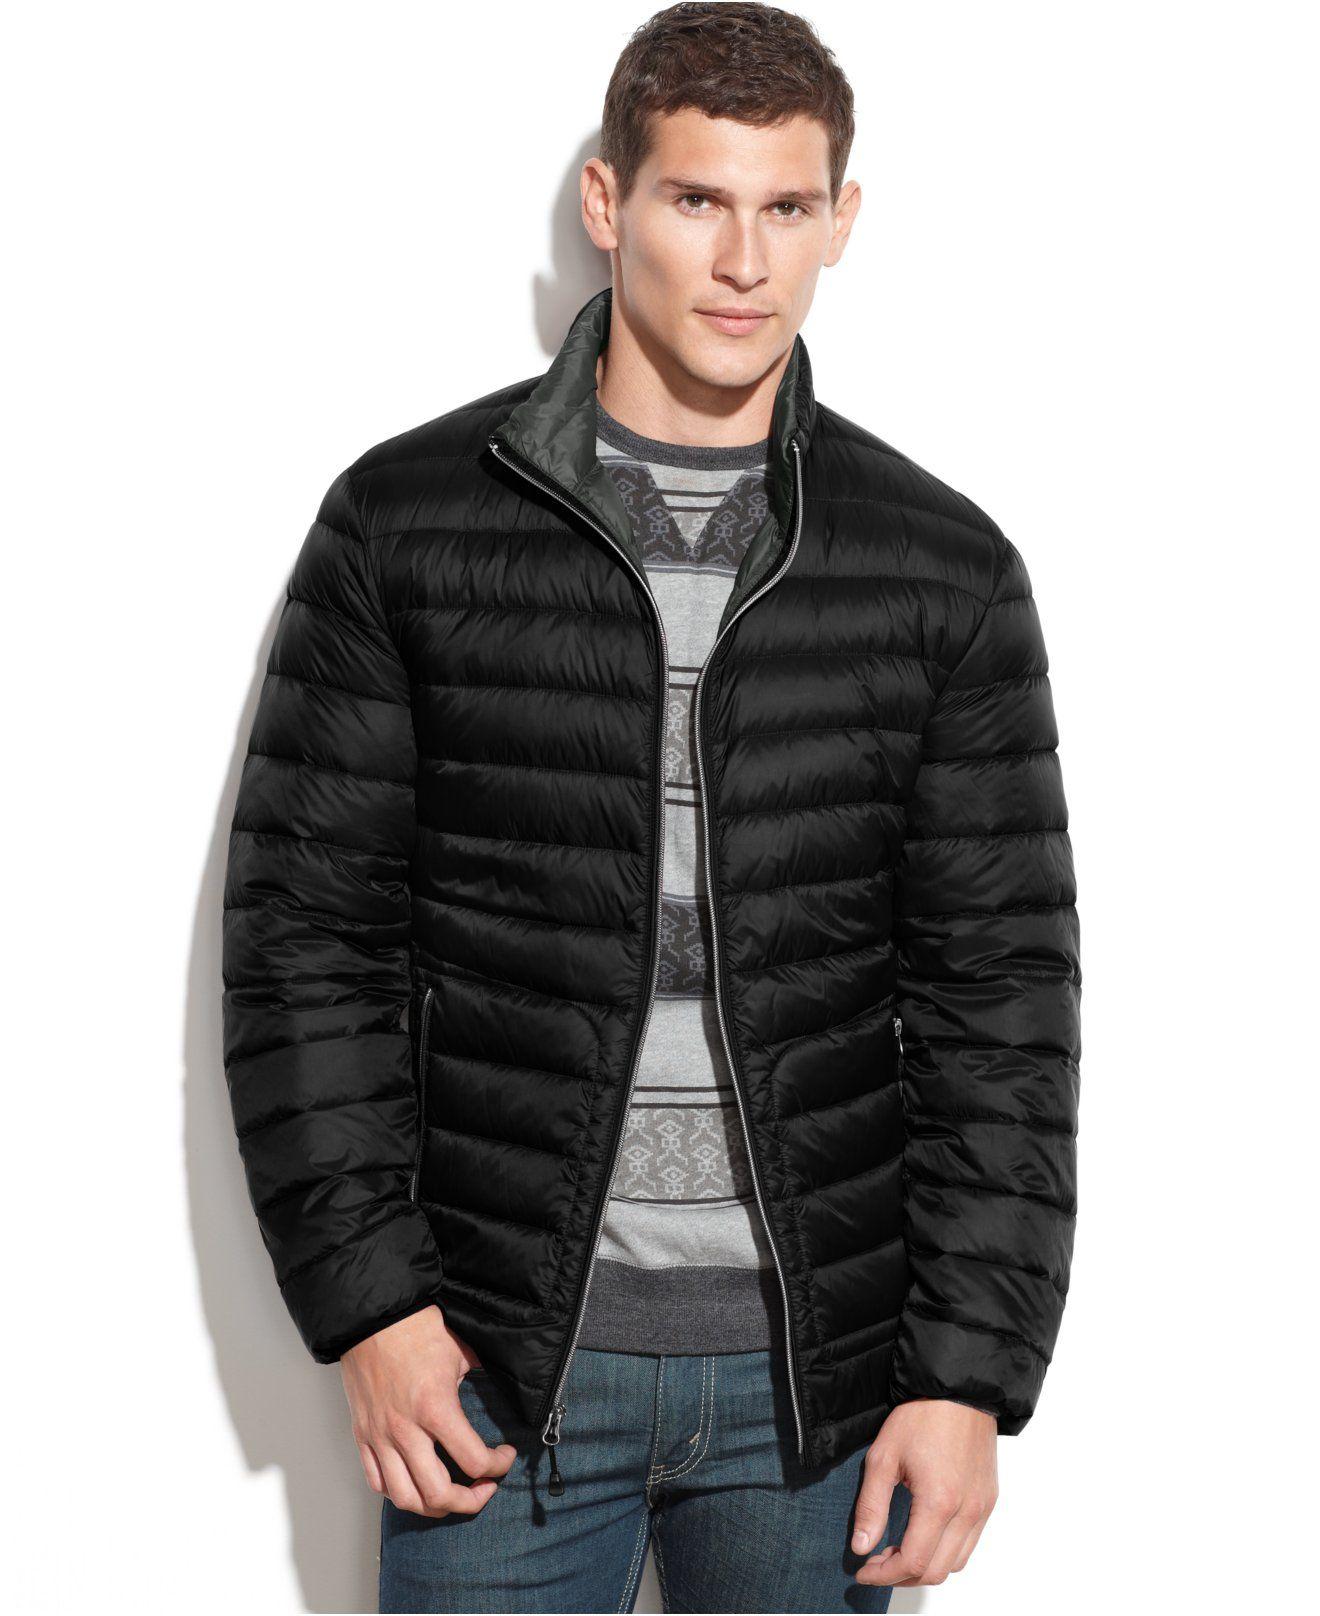 Buffalo David Bitton Packable Down Jacket Coats Jackets Men Macy S Jackets Down Jacket Mens Jackets [ 1616 x 1320 Pixel ]